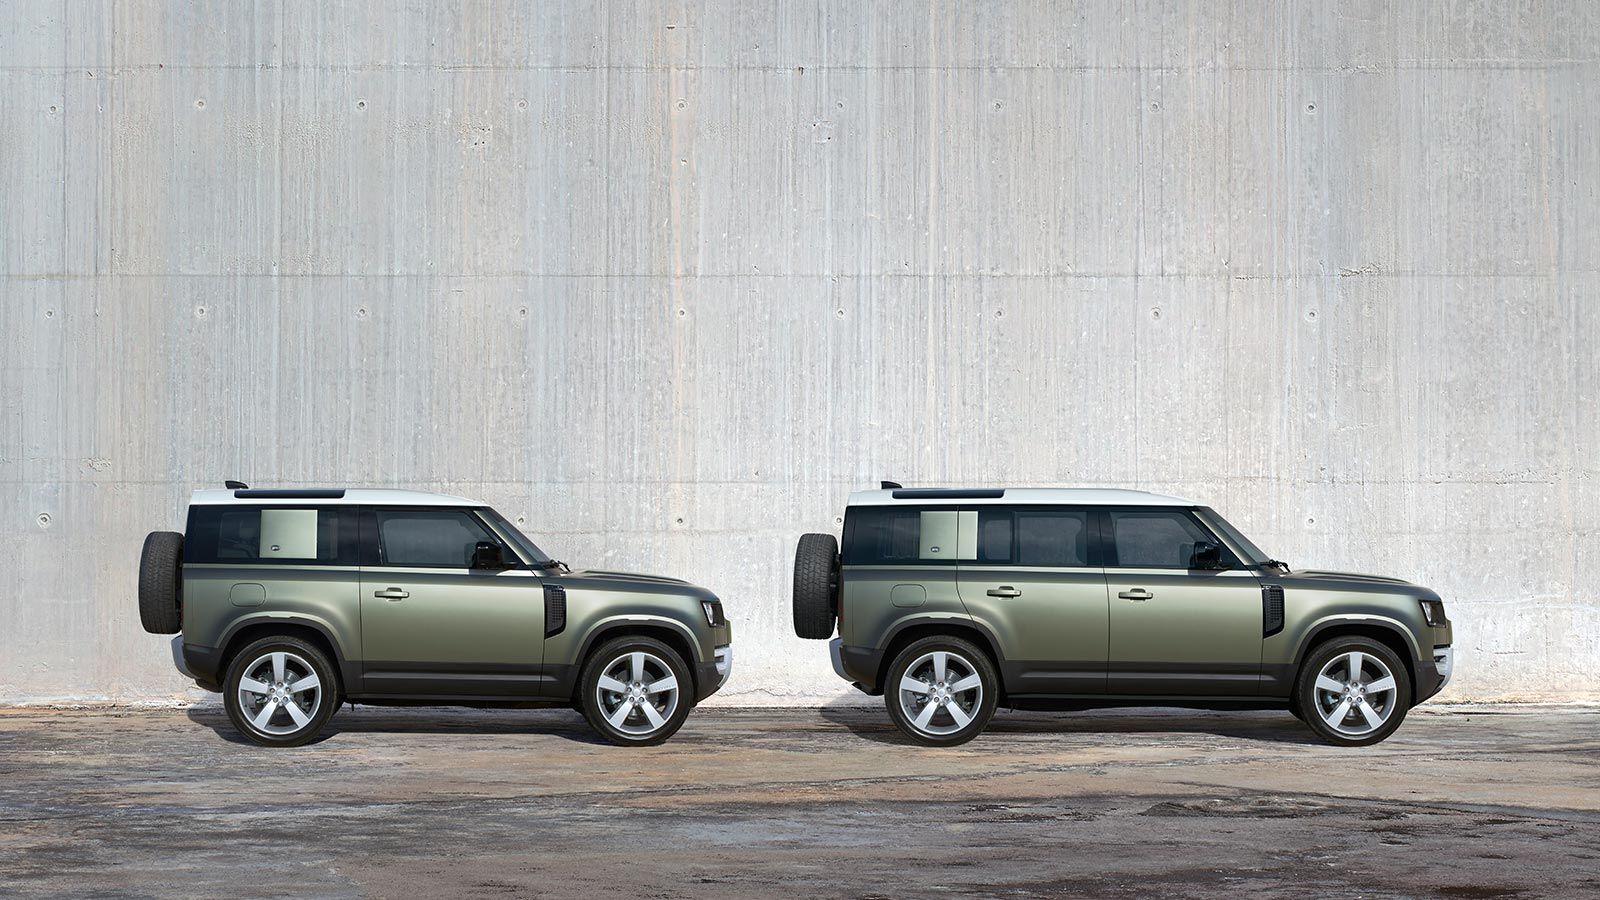 Defender Land Rover